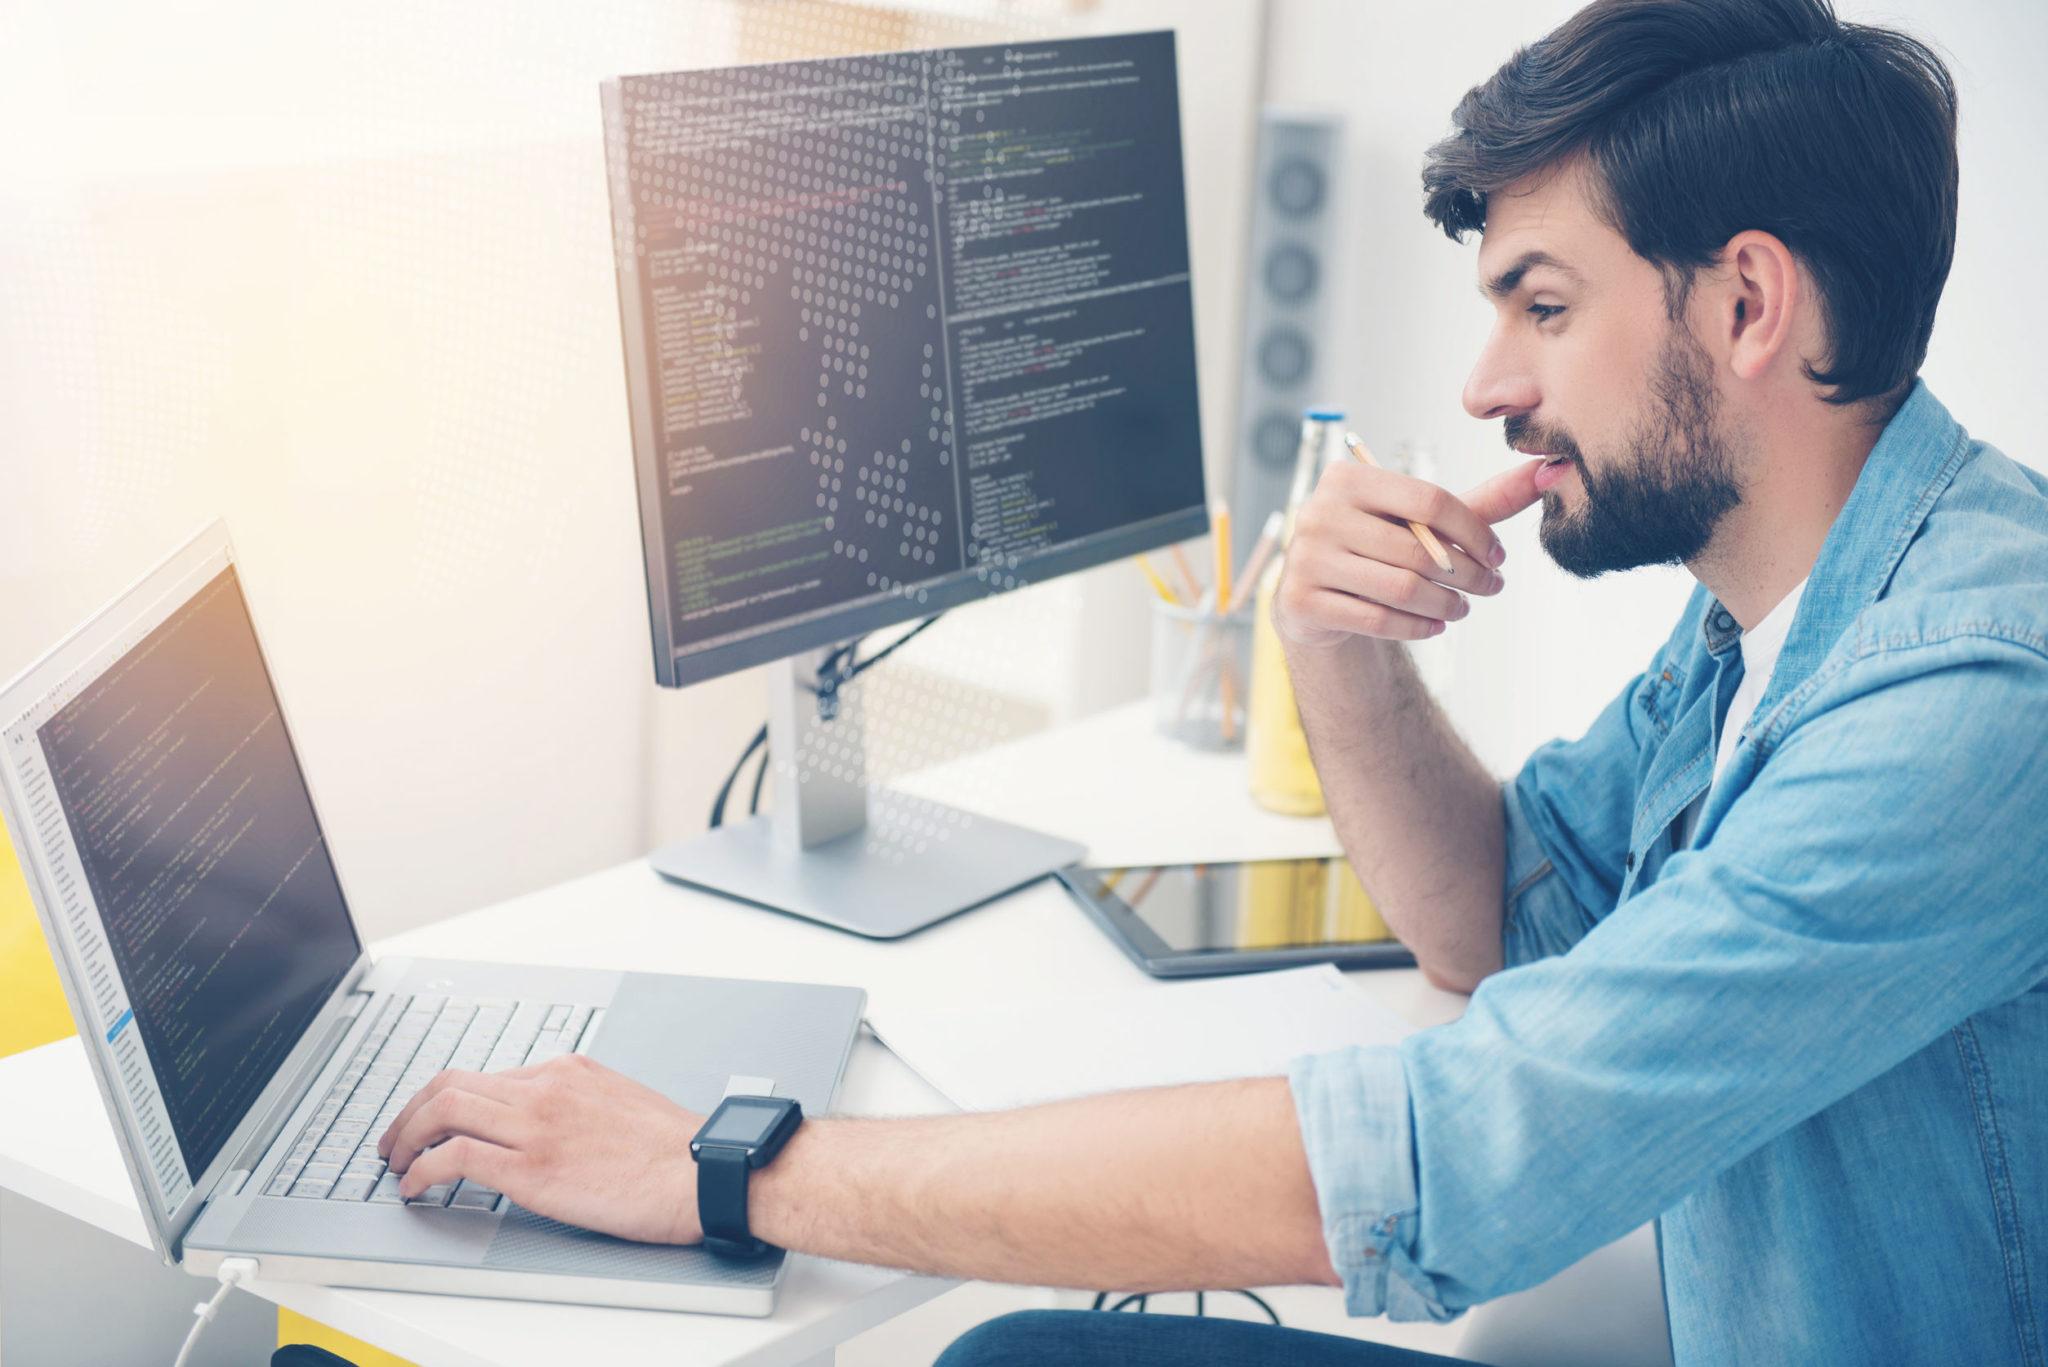 プログラマーとして働く若い男性